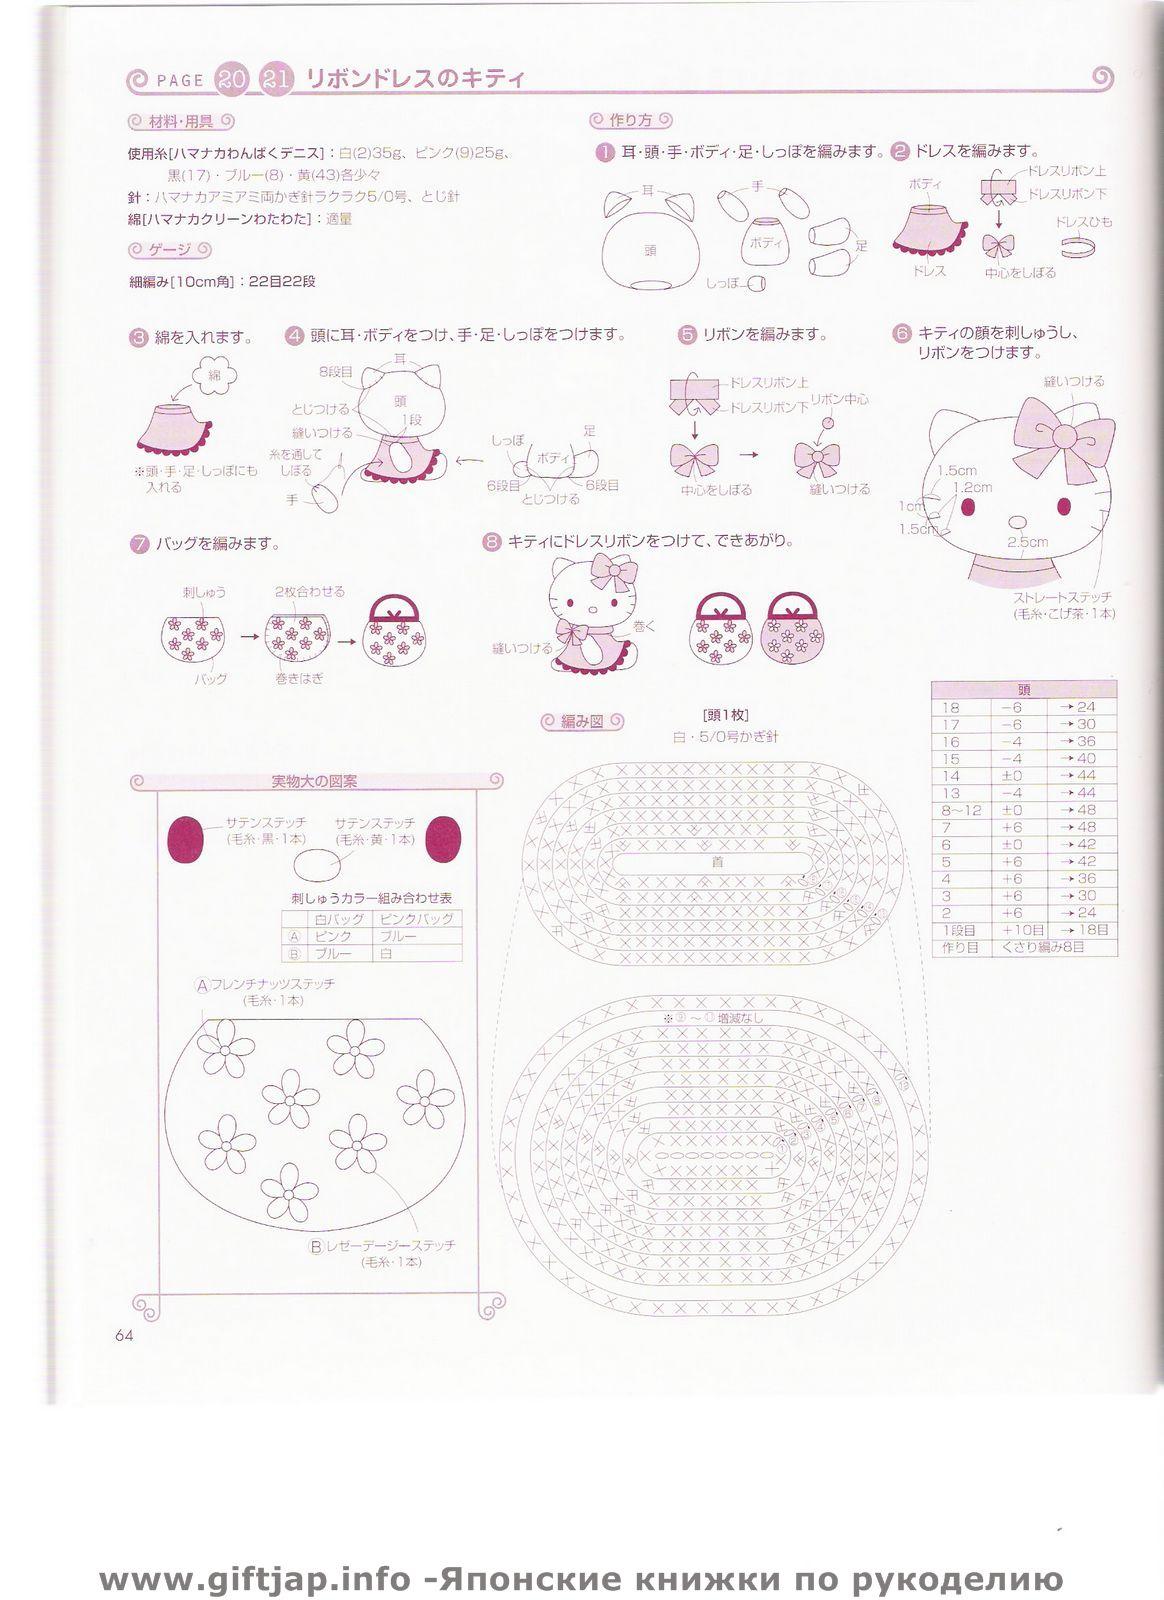 Blog de Goanna: Patrón Hello Kitty con vestidito en Amigurumi